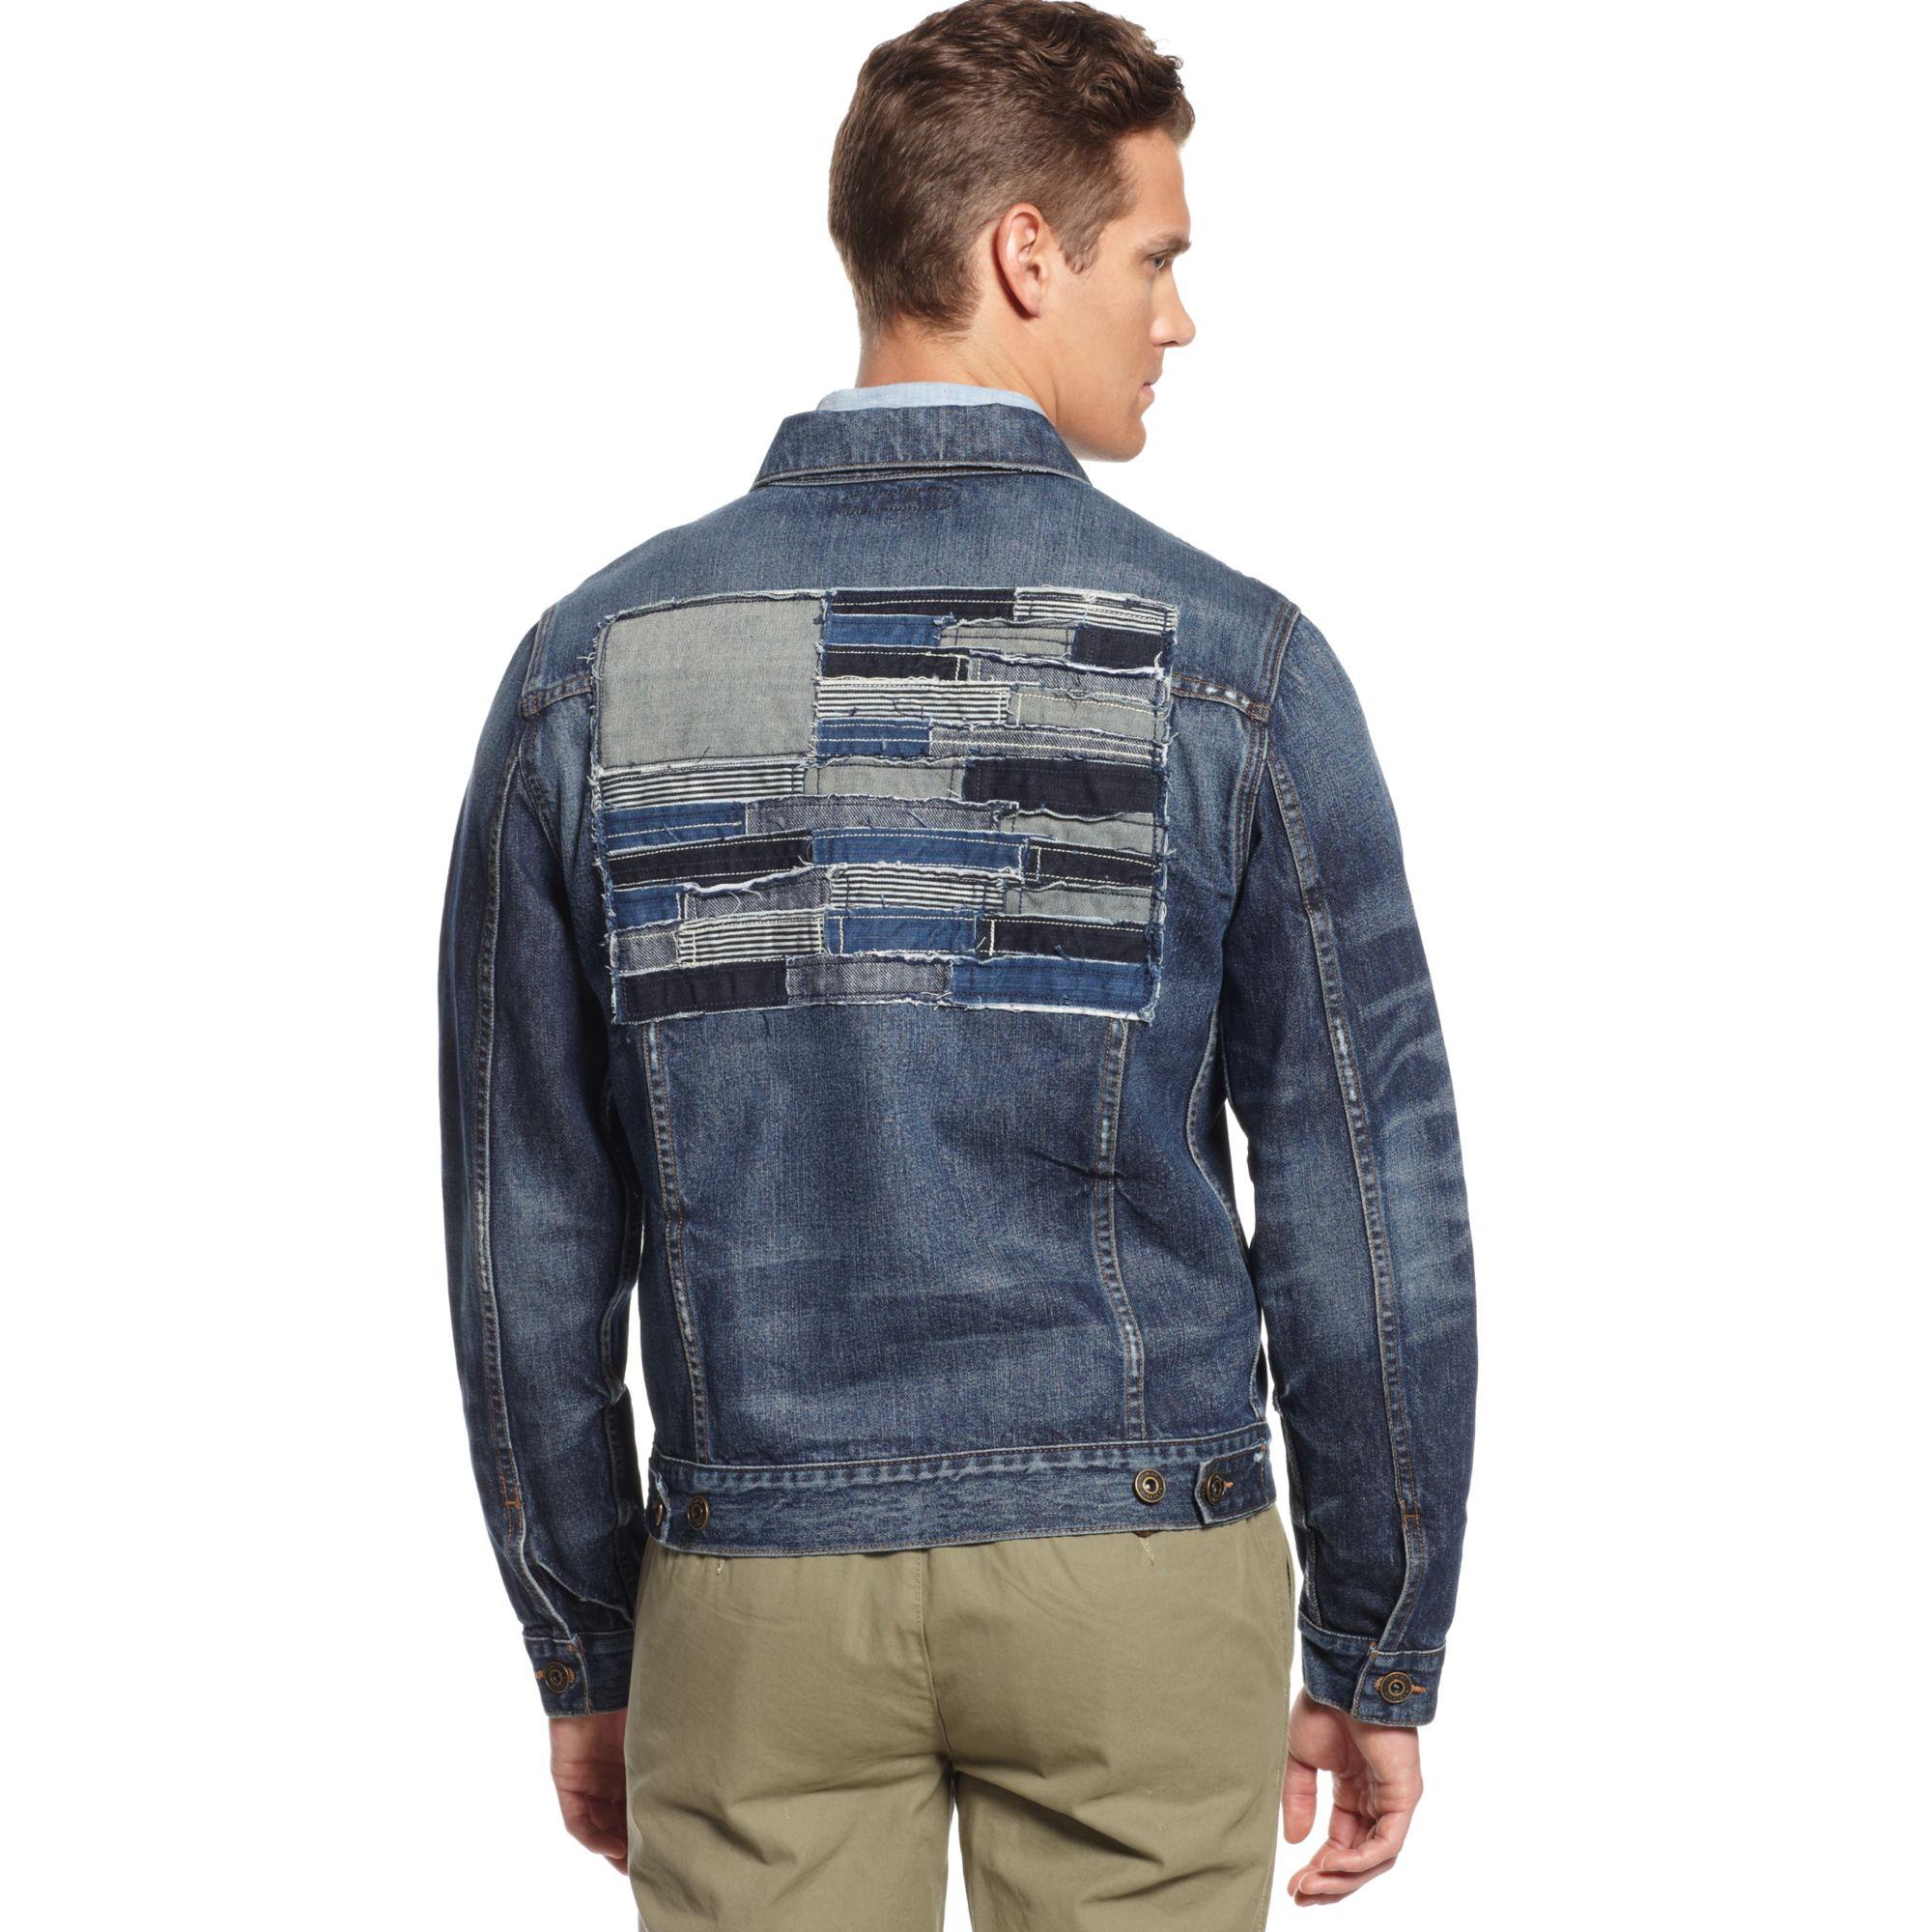 tommy hilfiger denim patchwork flag jacket in blue for men. Black Bedroom Furniture Sets. Home Design Ideas